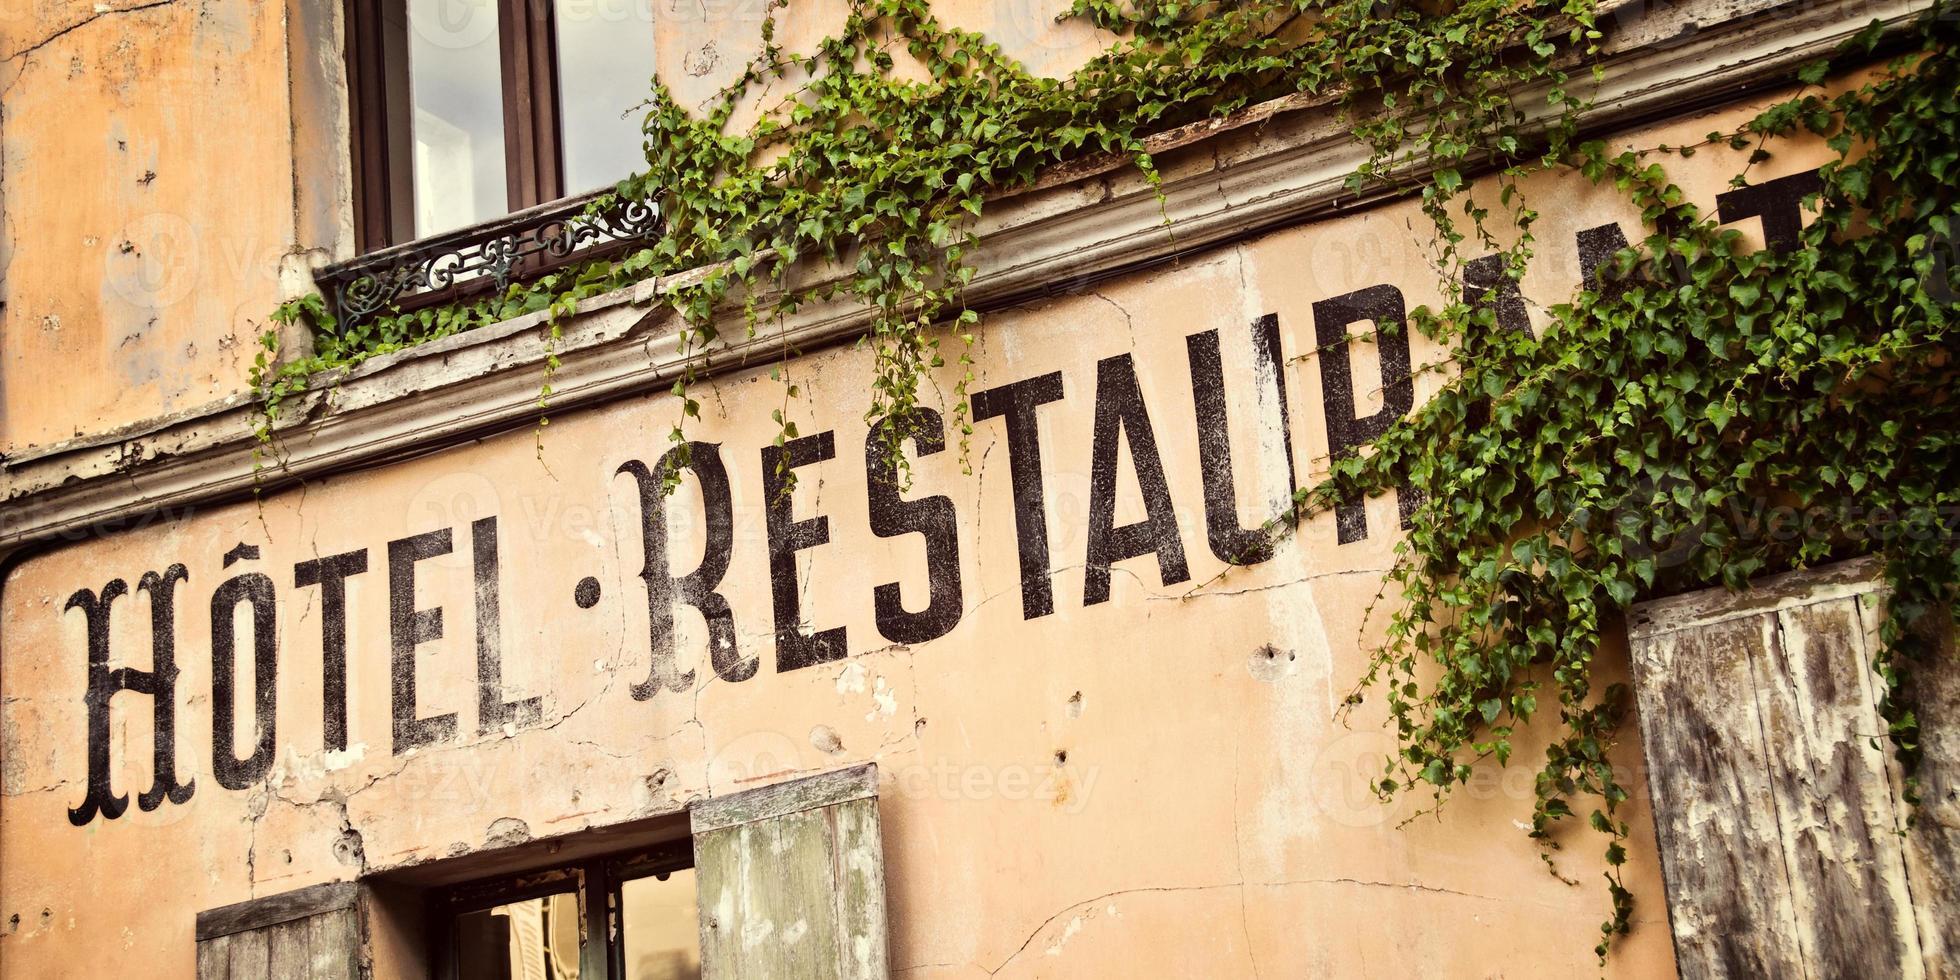 Signe de l'hôtel français vintage peint sur une vieille maison photo